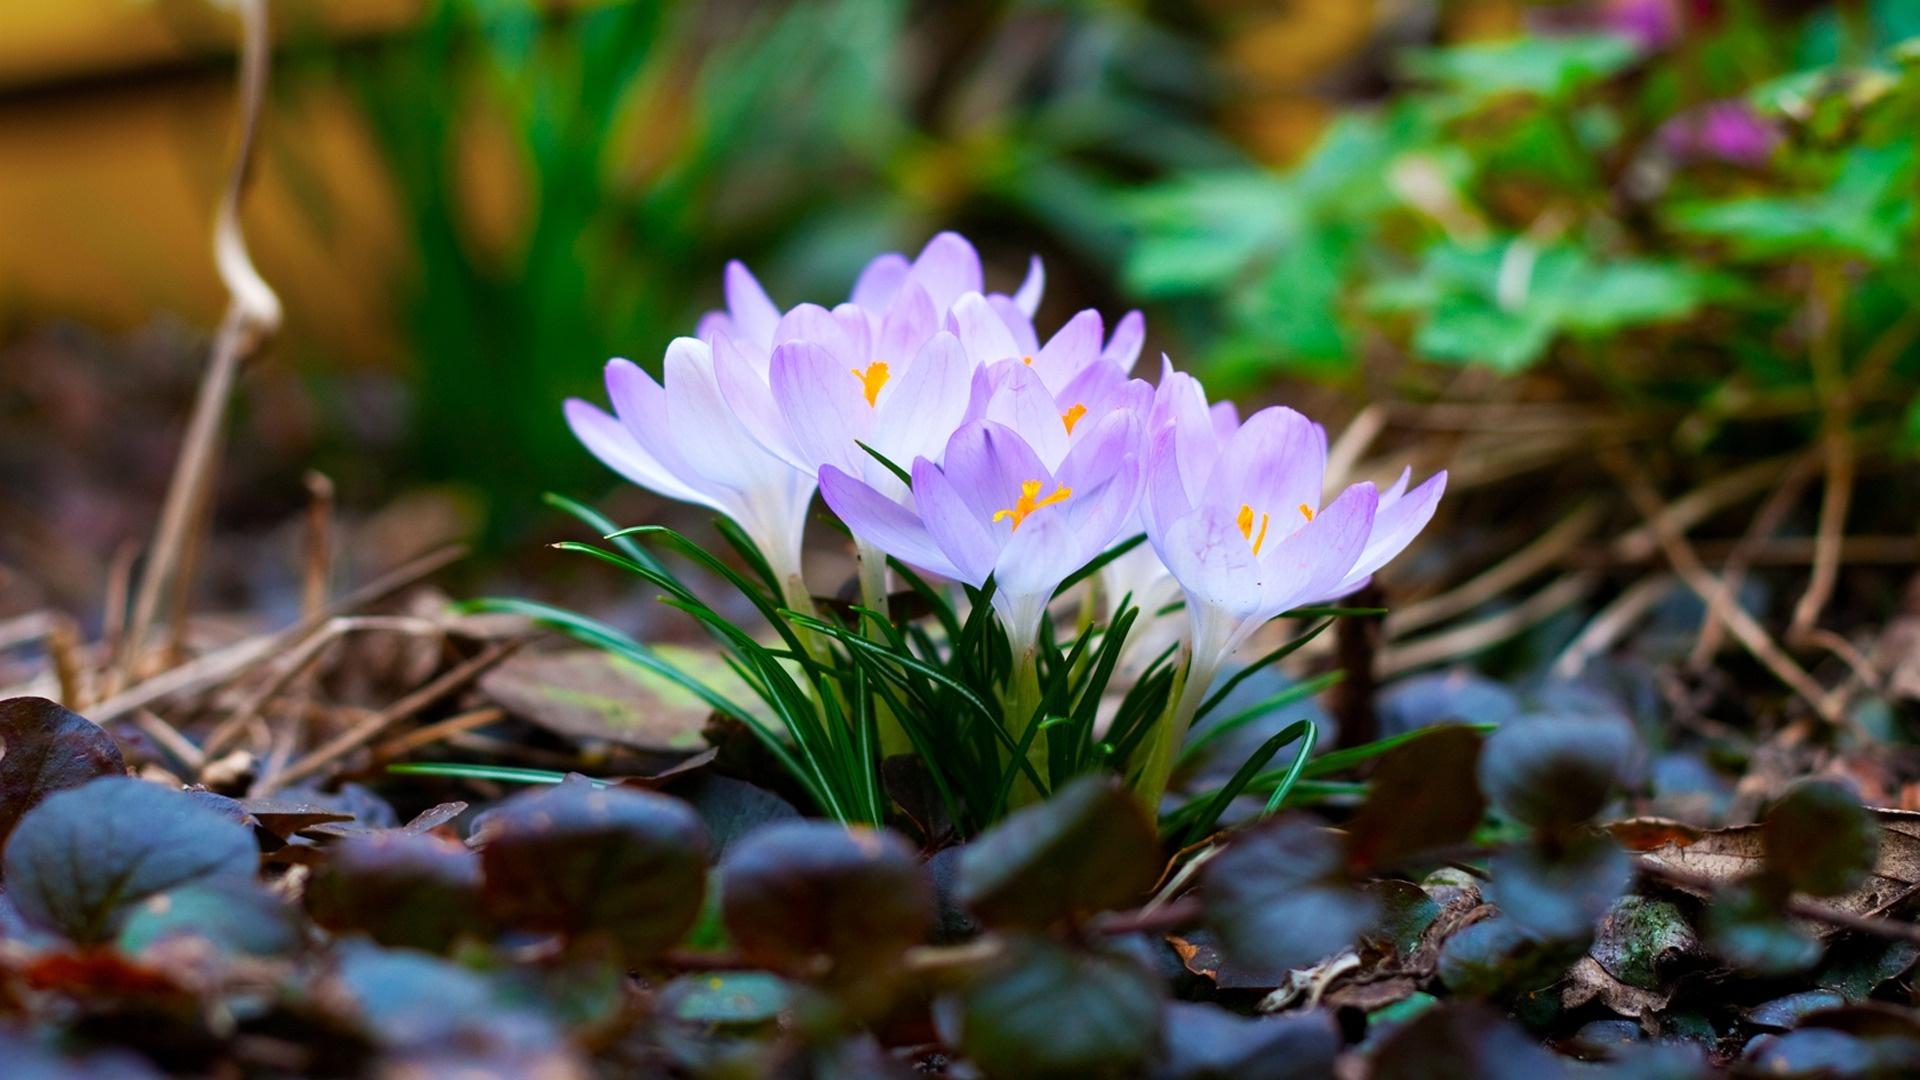 Wide HD Beautiful Springtime Wallpaper FLGX HD 46951 KB 1920x1080